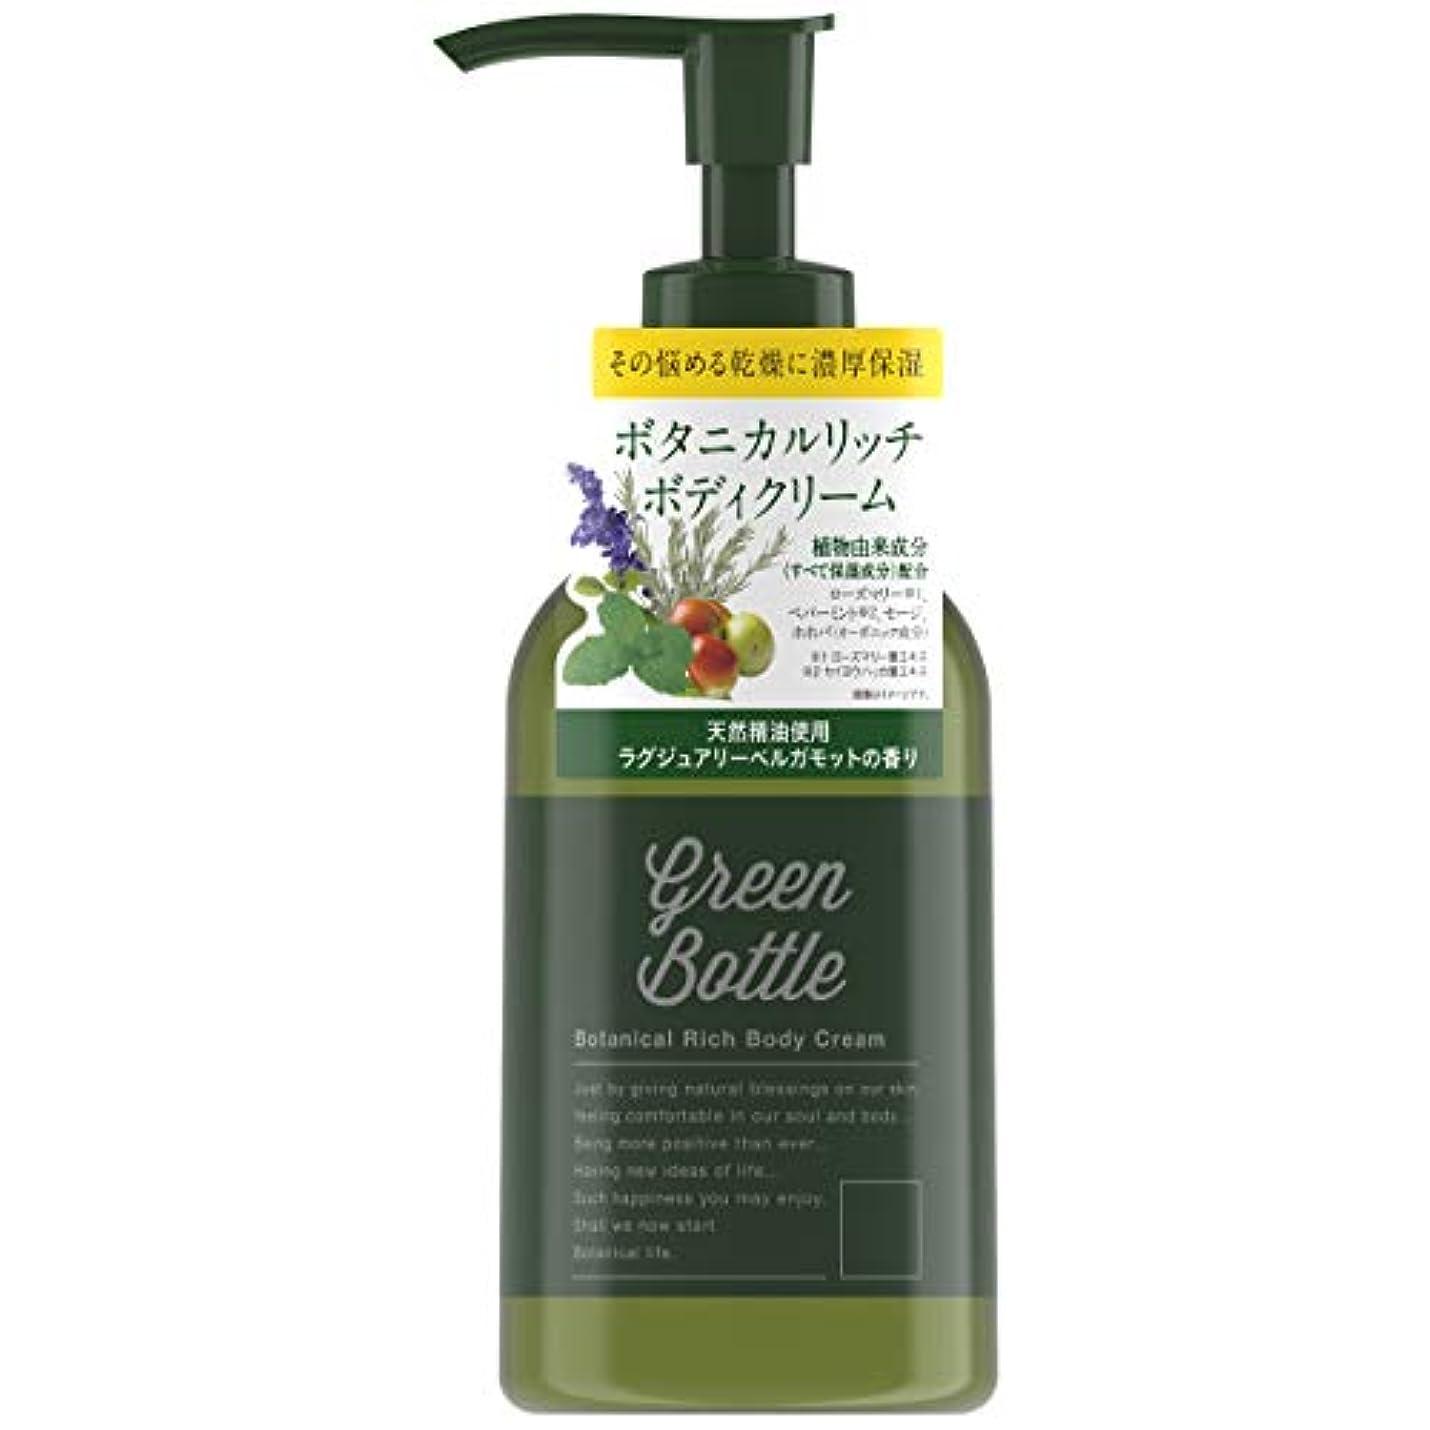 深い緩やかな受け取るグリーンボトルボタニカルリッチボディクリーム ラグジュアリーベルガモットの香り 280ml